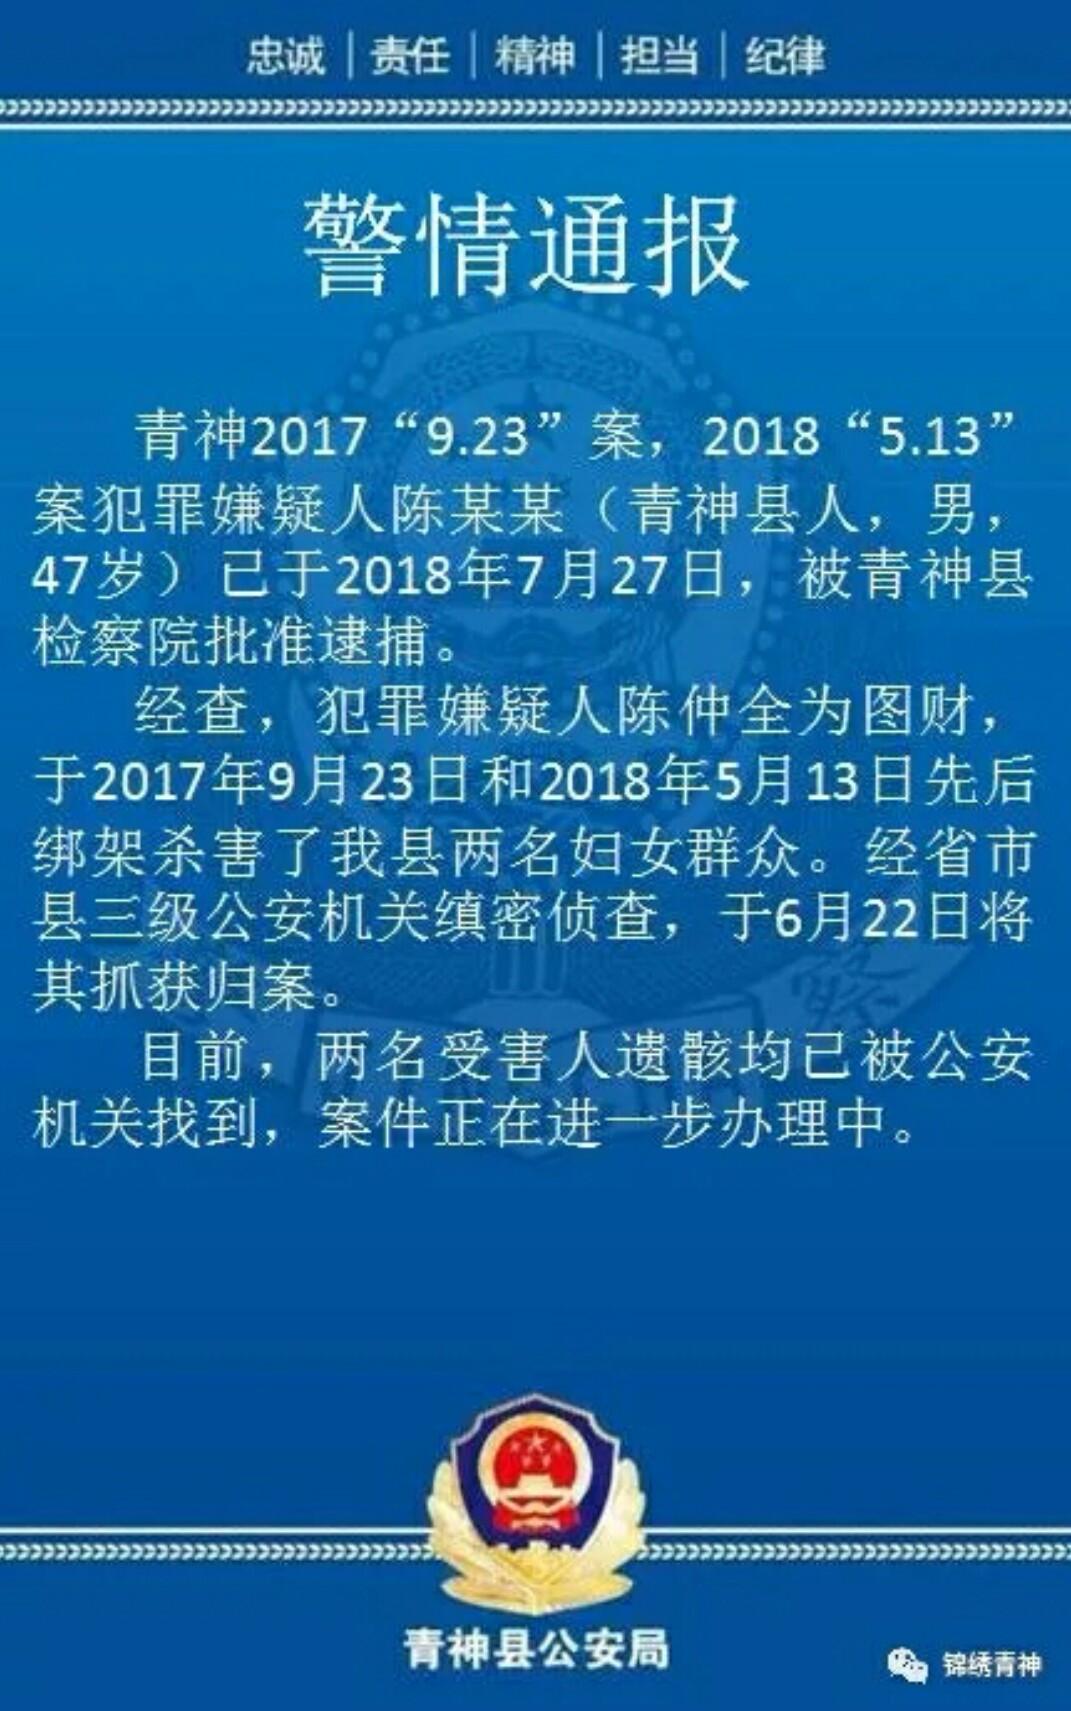 眉山青神杀害两名夜跑女子嫌犯被检方批准逮捕